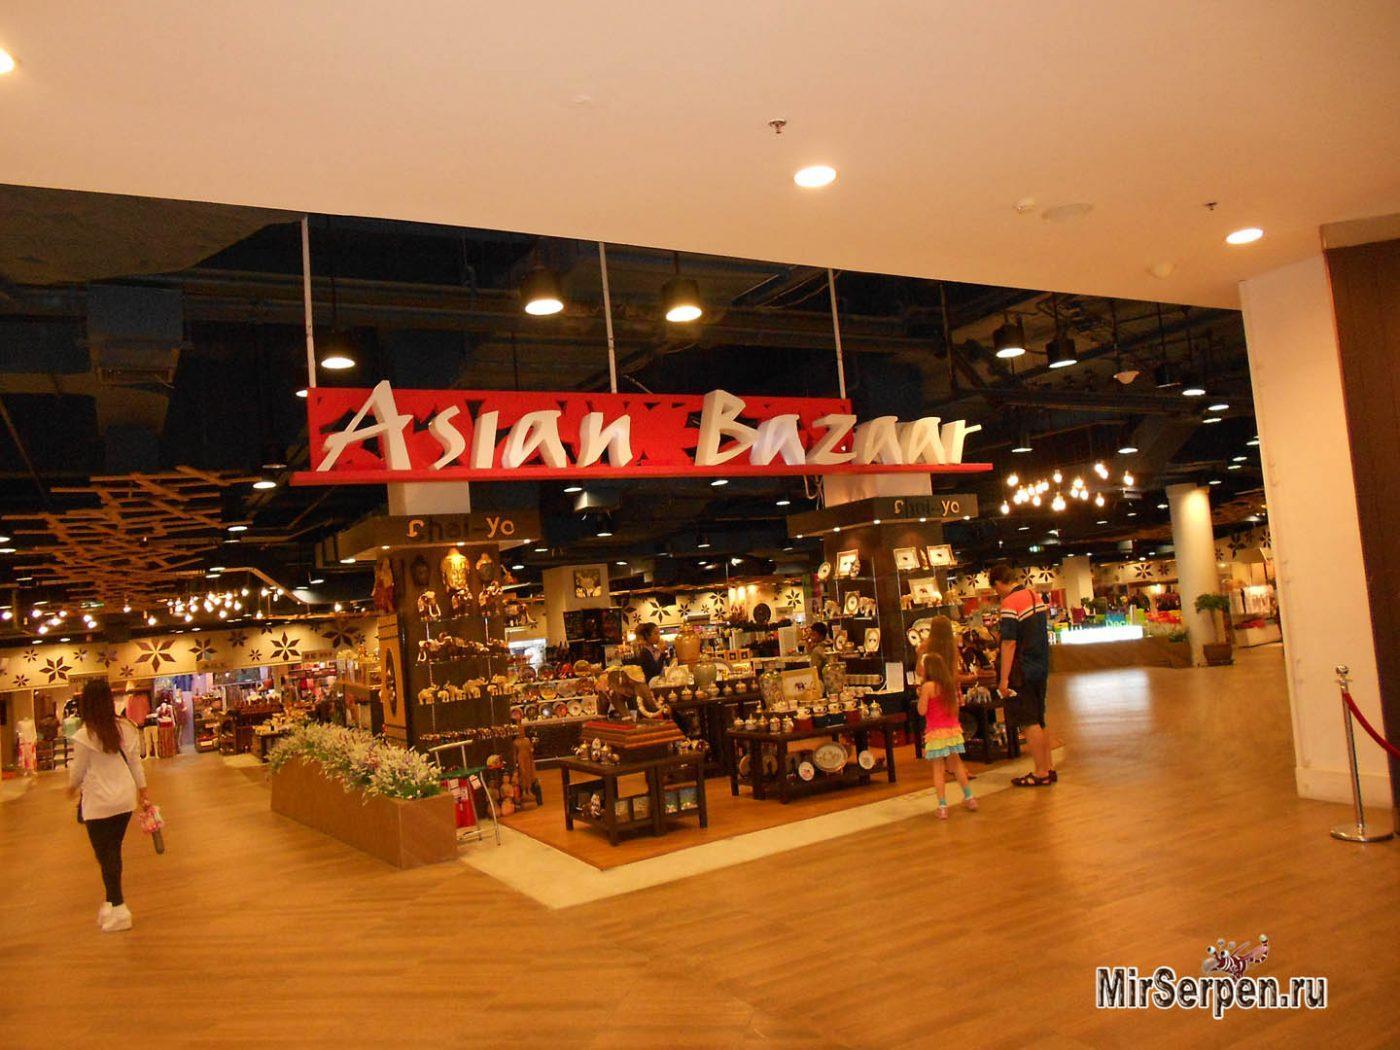 Рынок сувениров Asian Bazaar в торговом комплексе Central Festival, Паттайя